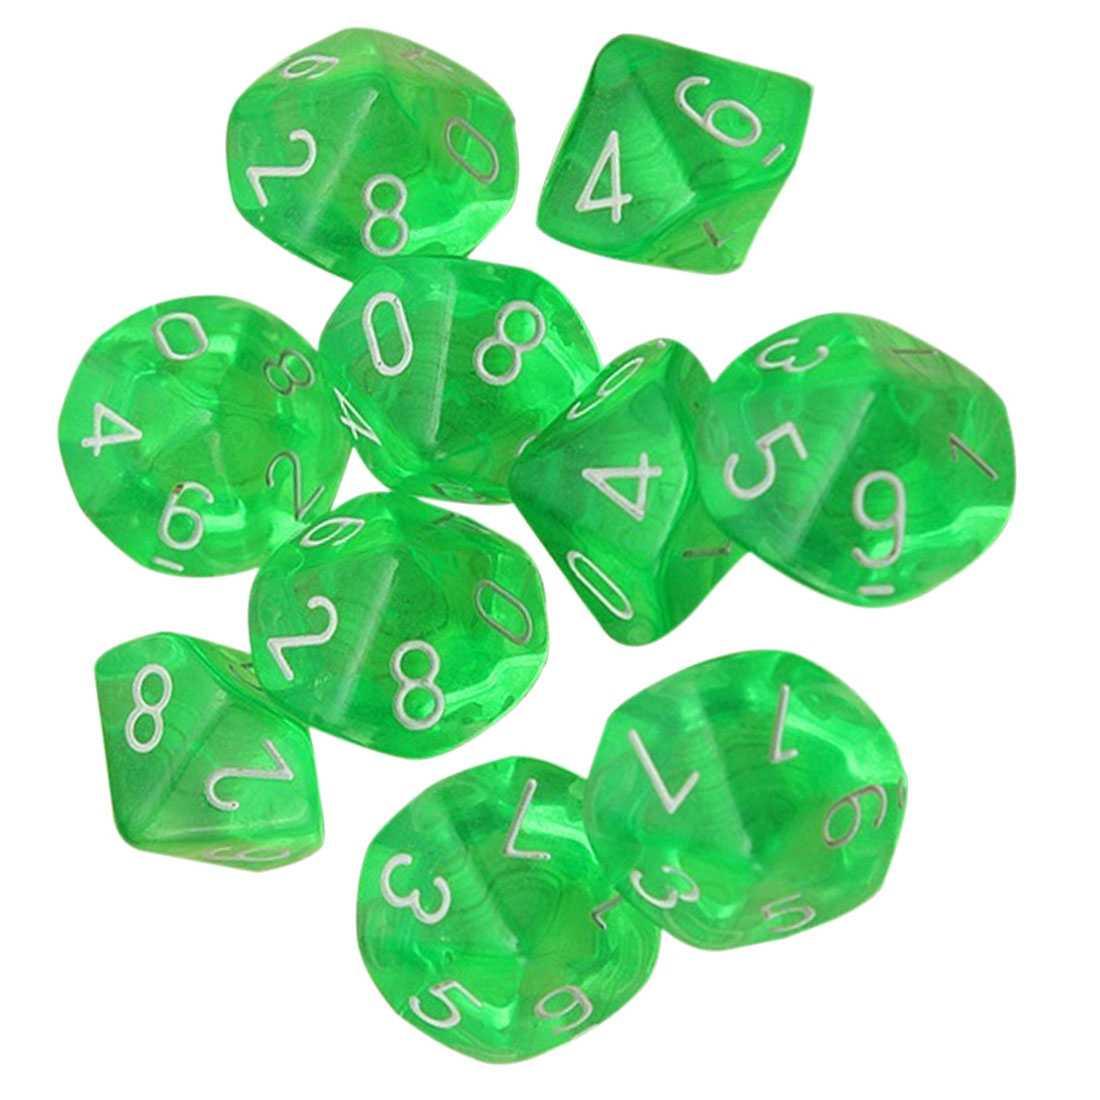 10-Dices D10 10-сторонняя игральная кость из драгоценного камня для РПГ Подземелья и Драконы настольные игры прозрачный зеленый